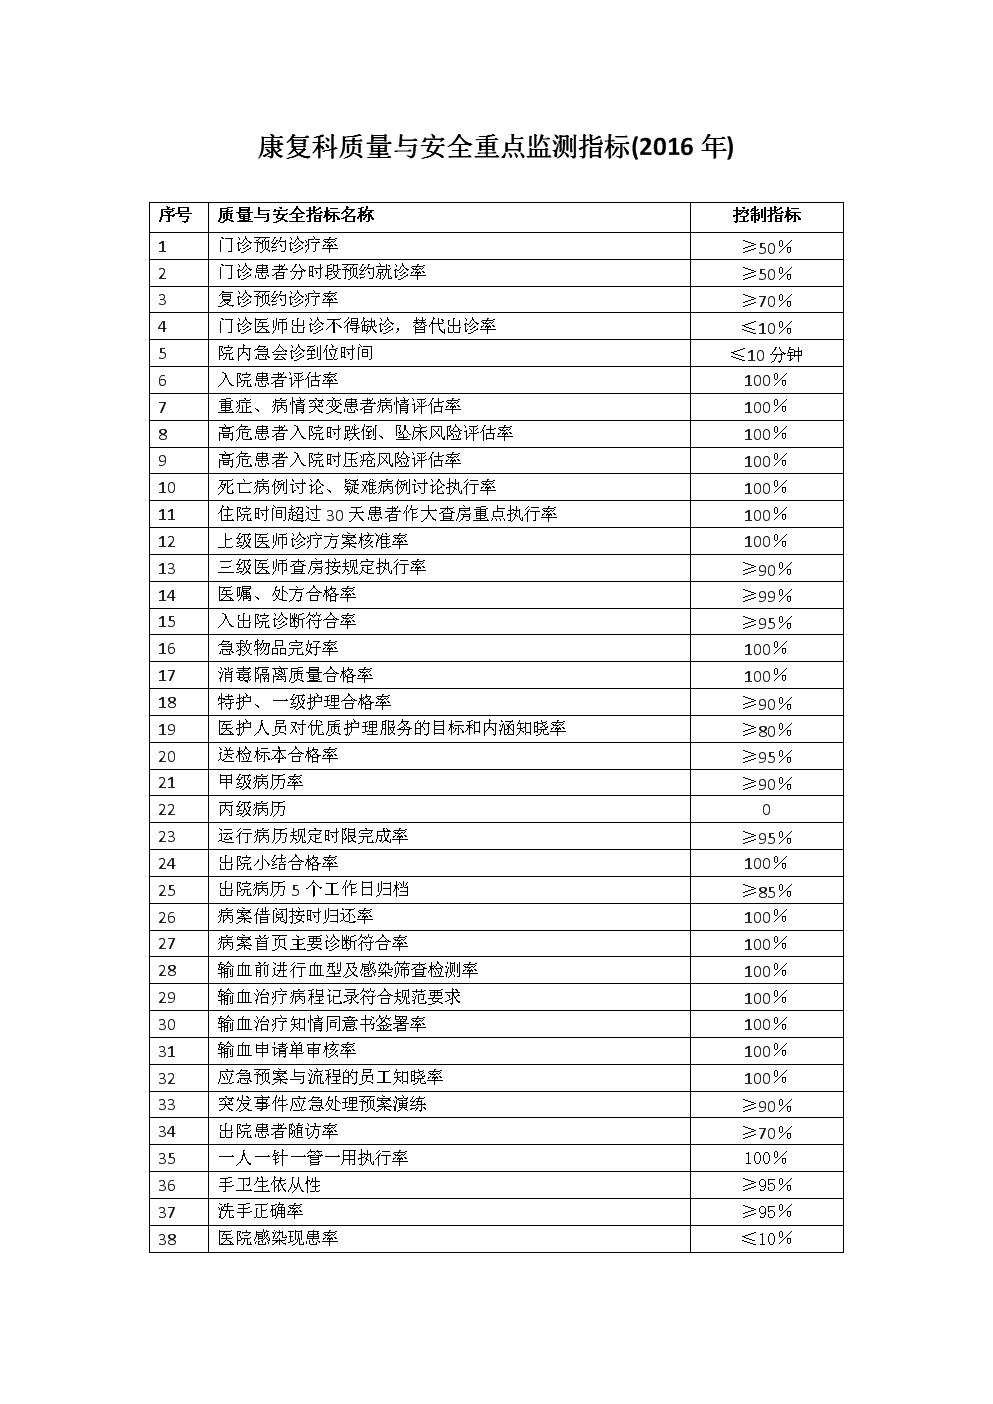 21康复医学科质量与安全重点监测指标(2016年).docx